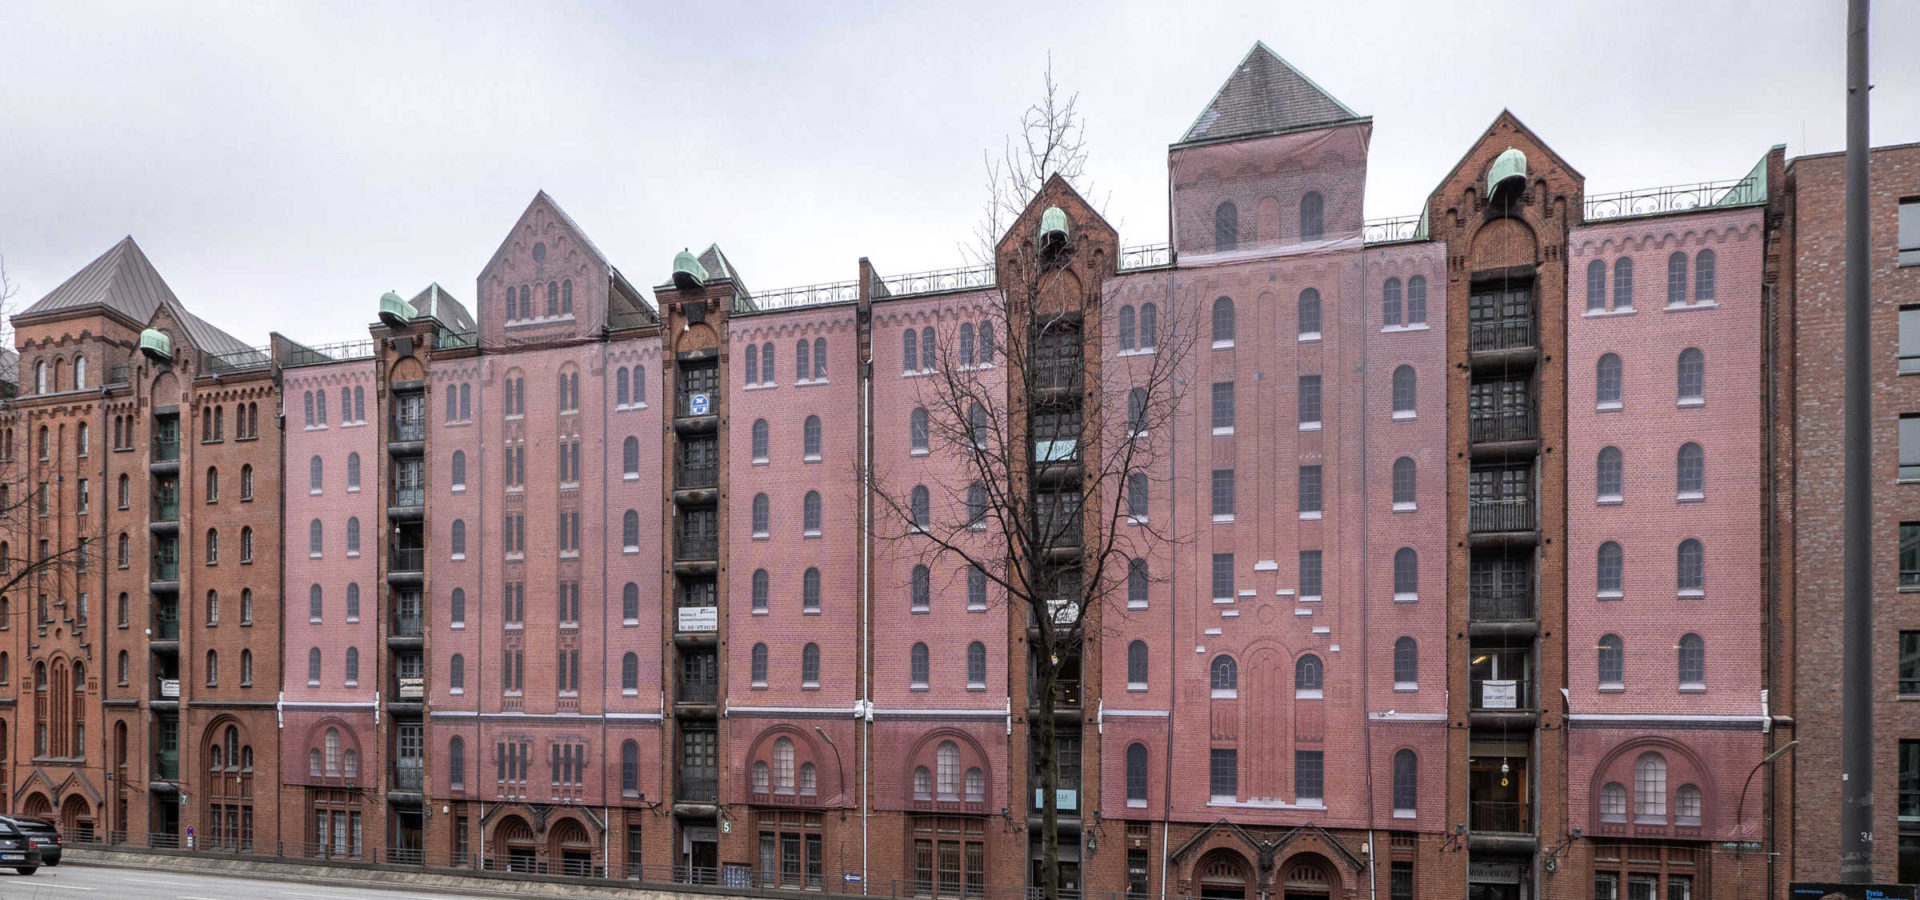 Fassadennachbildung von Kleinhempel Large Format Printing in der Hamburger Speicherstadt